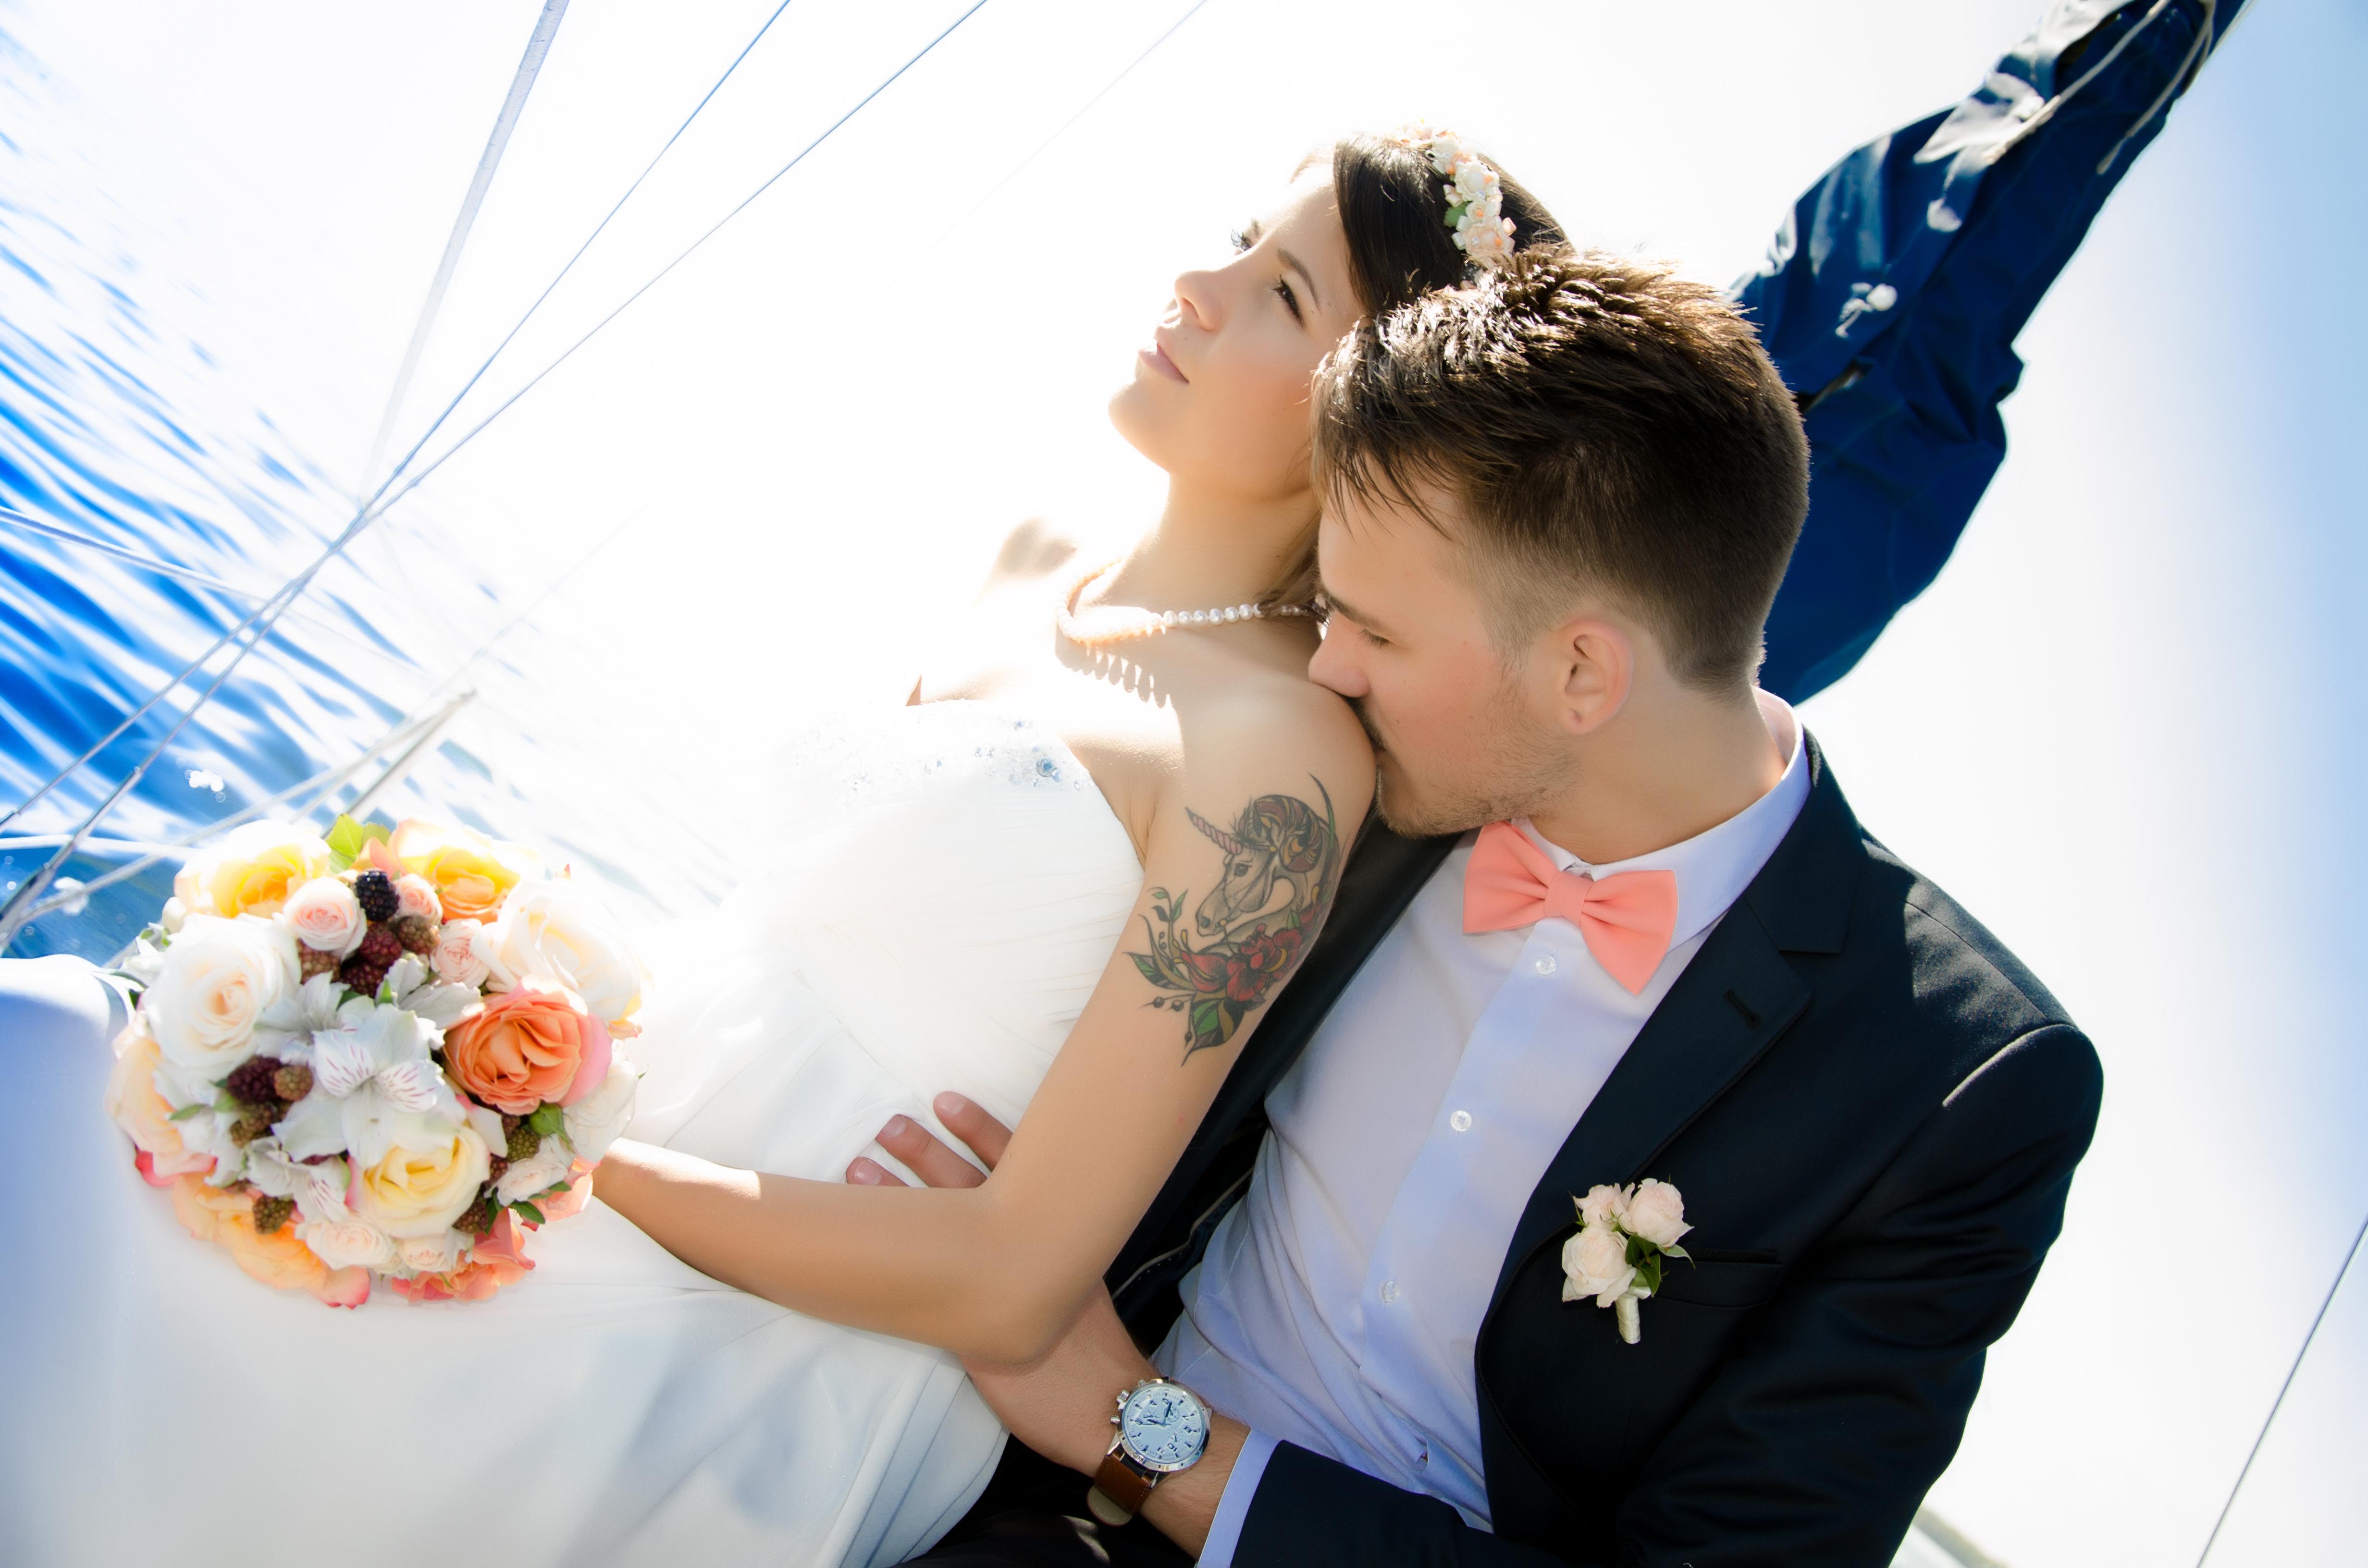 жизненно фотографы тольятти свадебные картинки